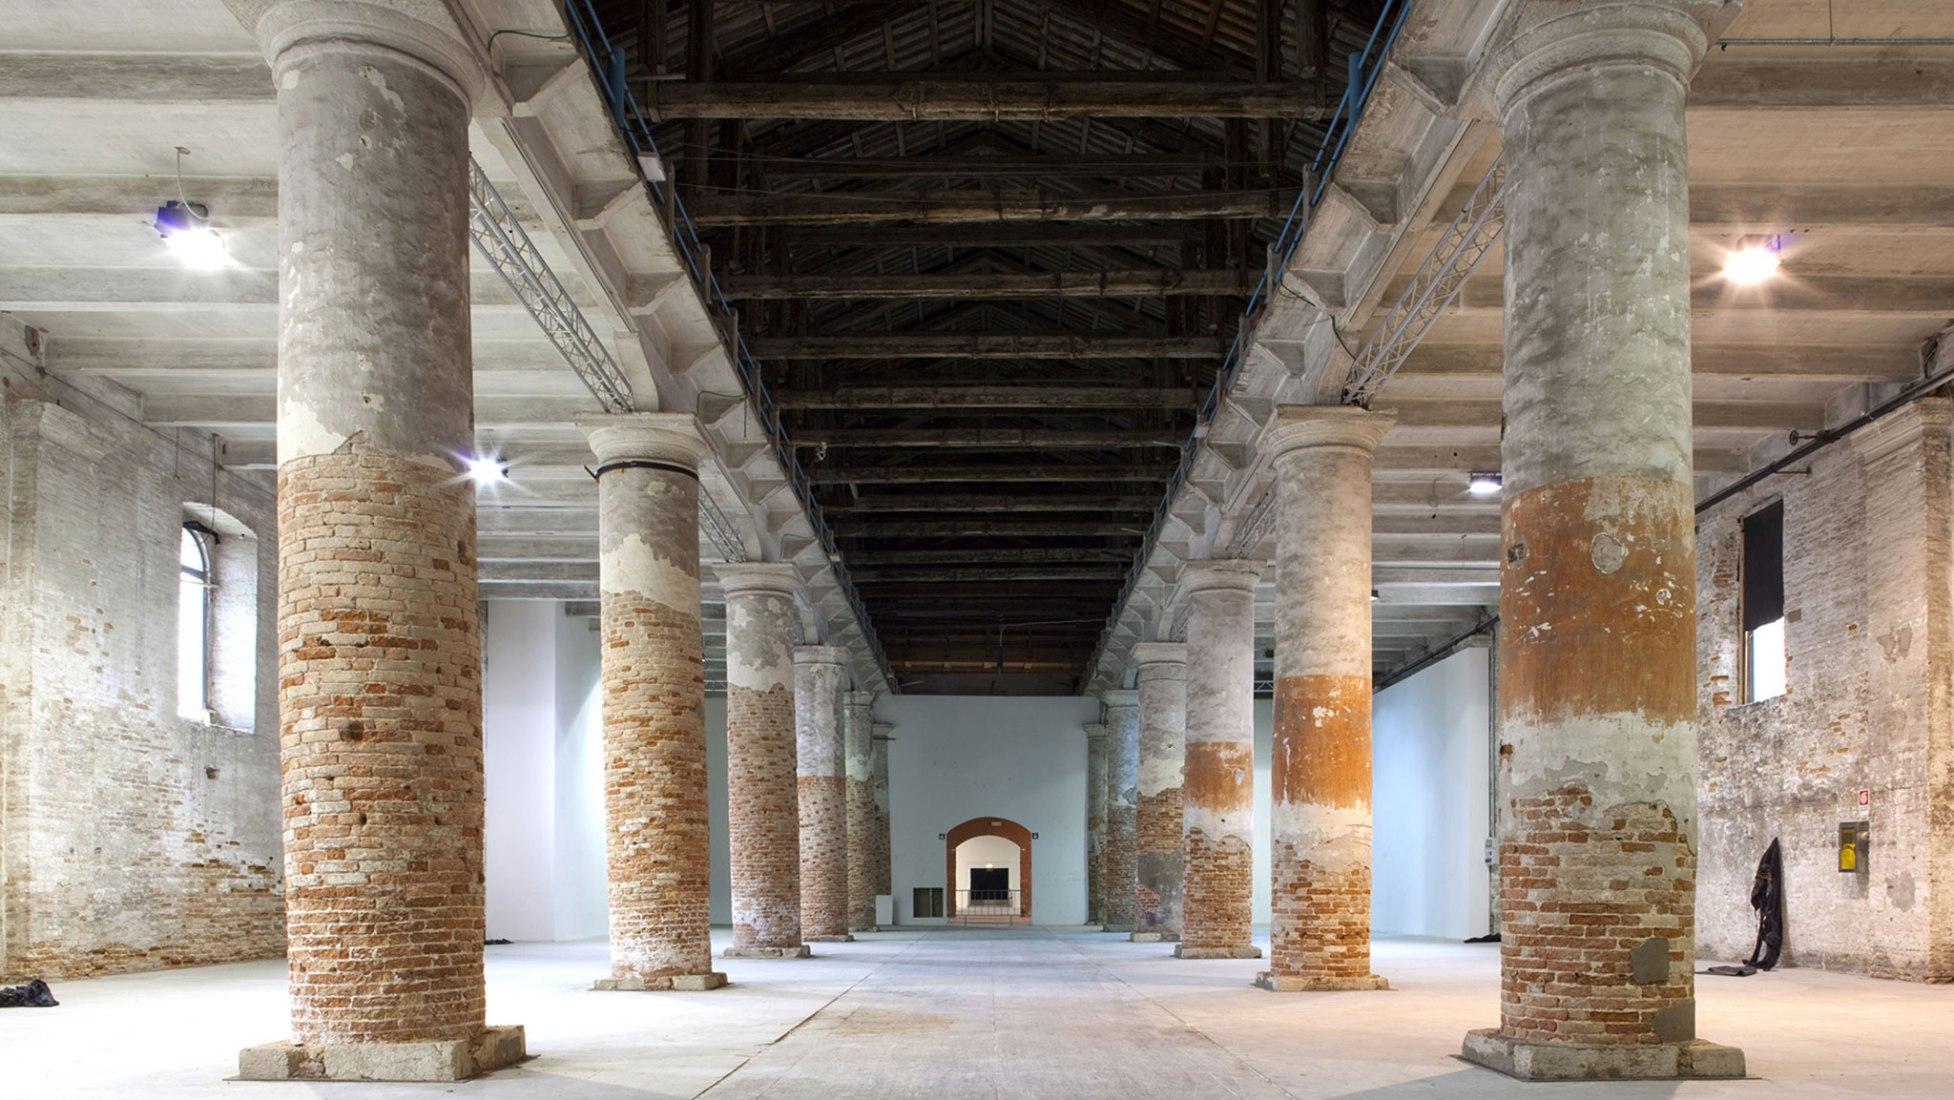 Venice Biennale Corderie Arsenale, Venice. Photograph © Giulio Squillacciotti. Image Courtesy of La Biennale di Venezia